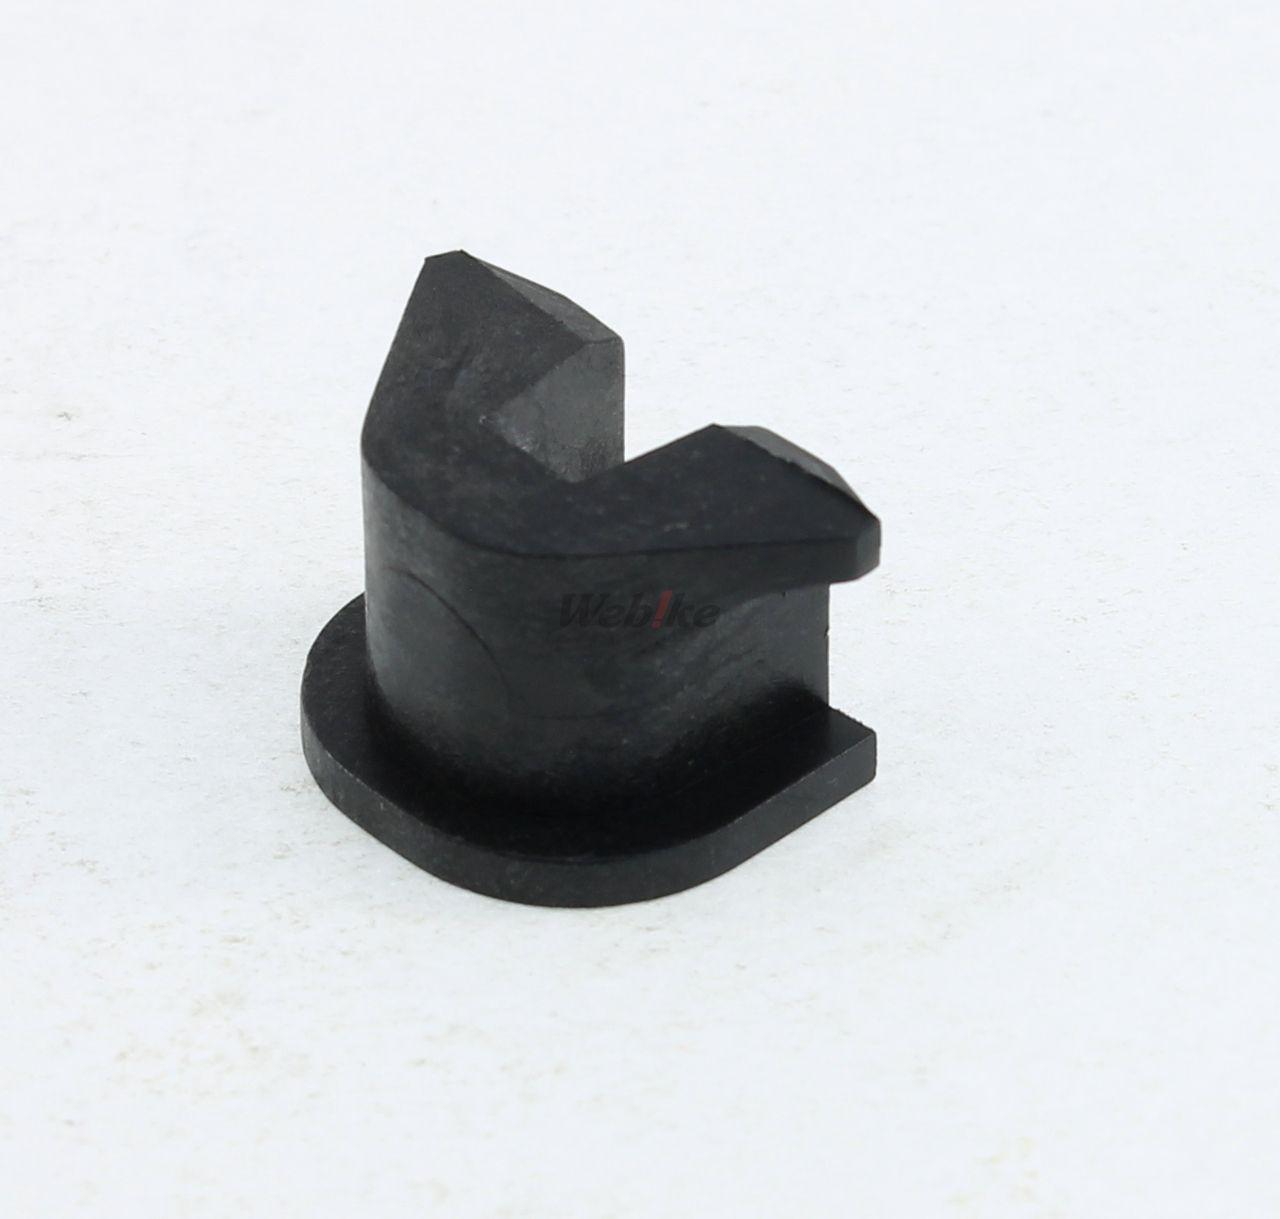 【K-PIT】K・PIT 普利盤滑鍵 - 「Webike-摩托百貨」